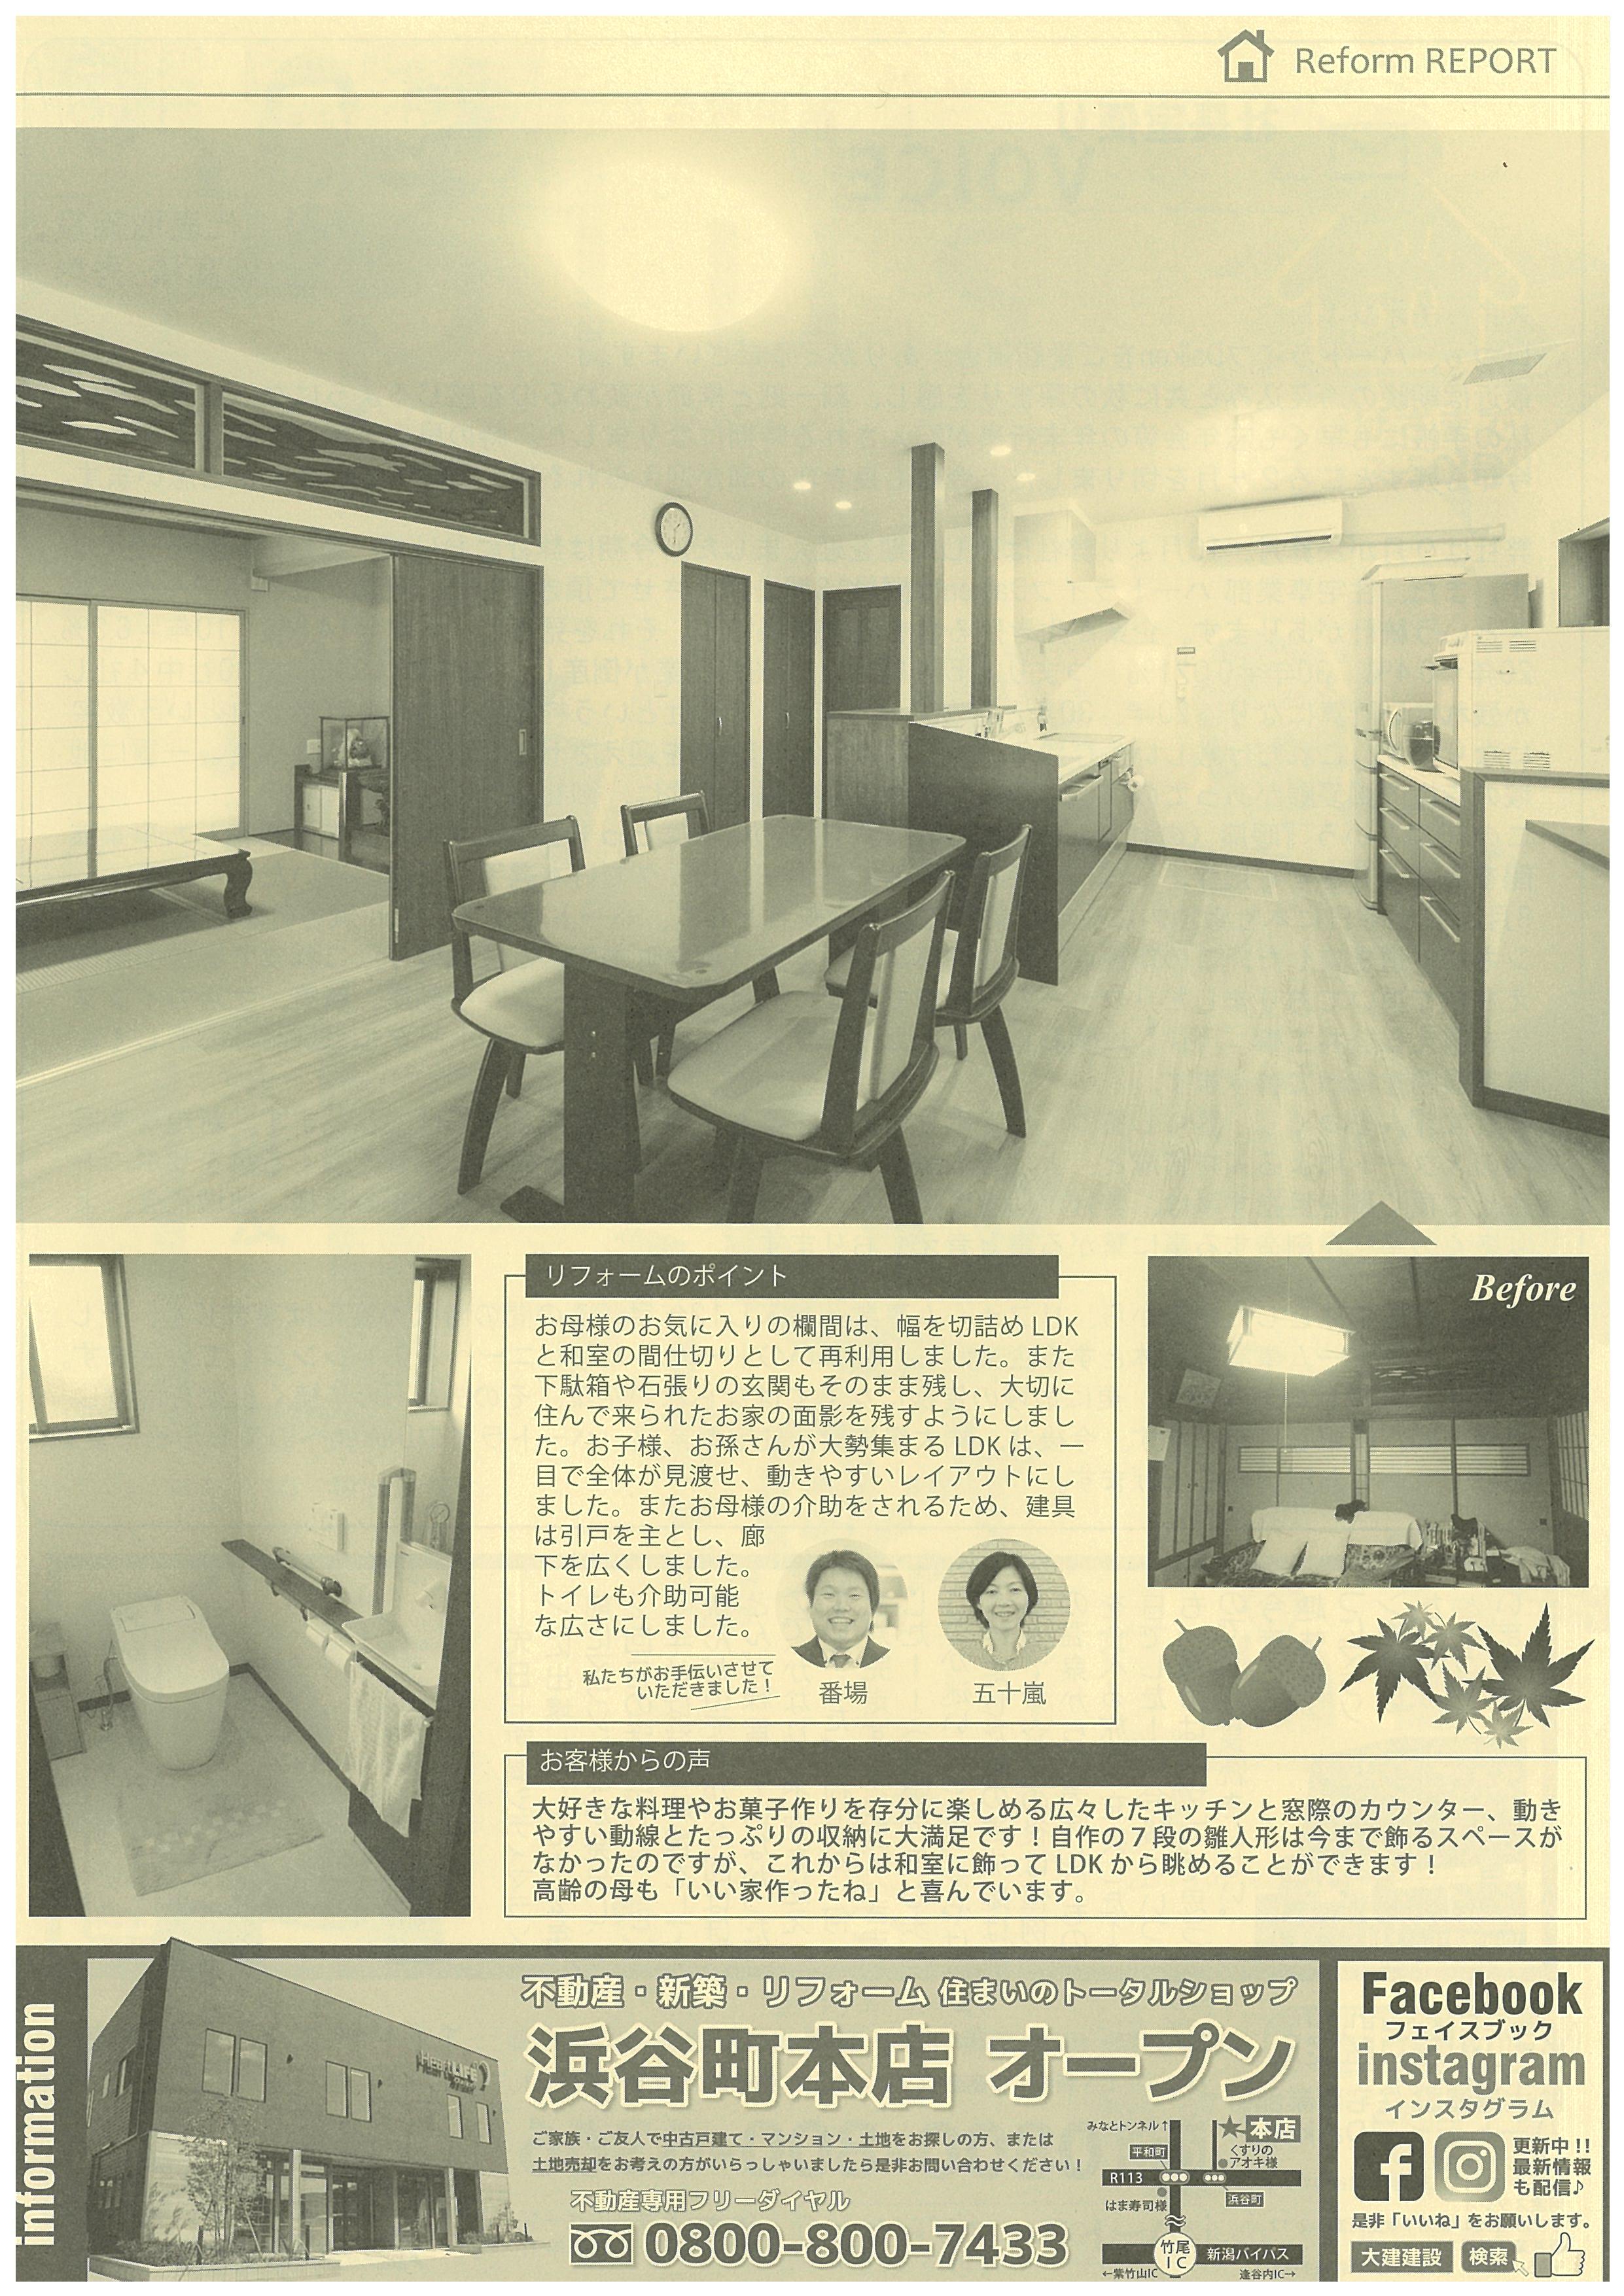 ニュースレター VOL.50③